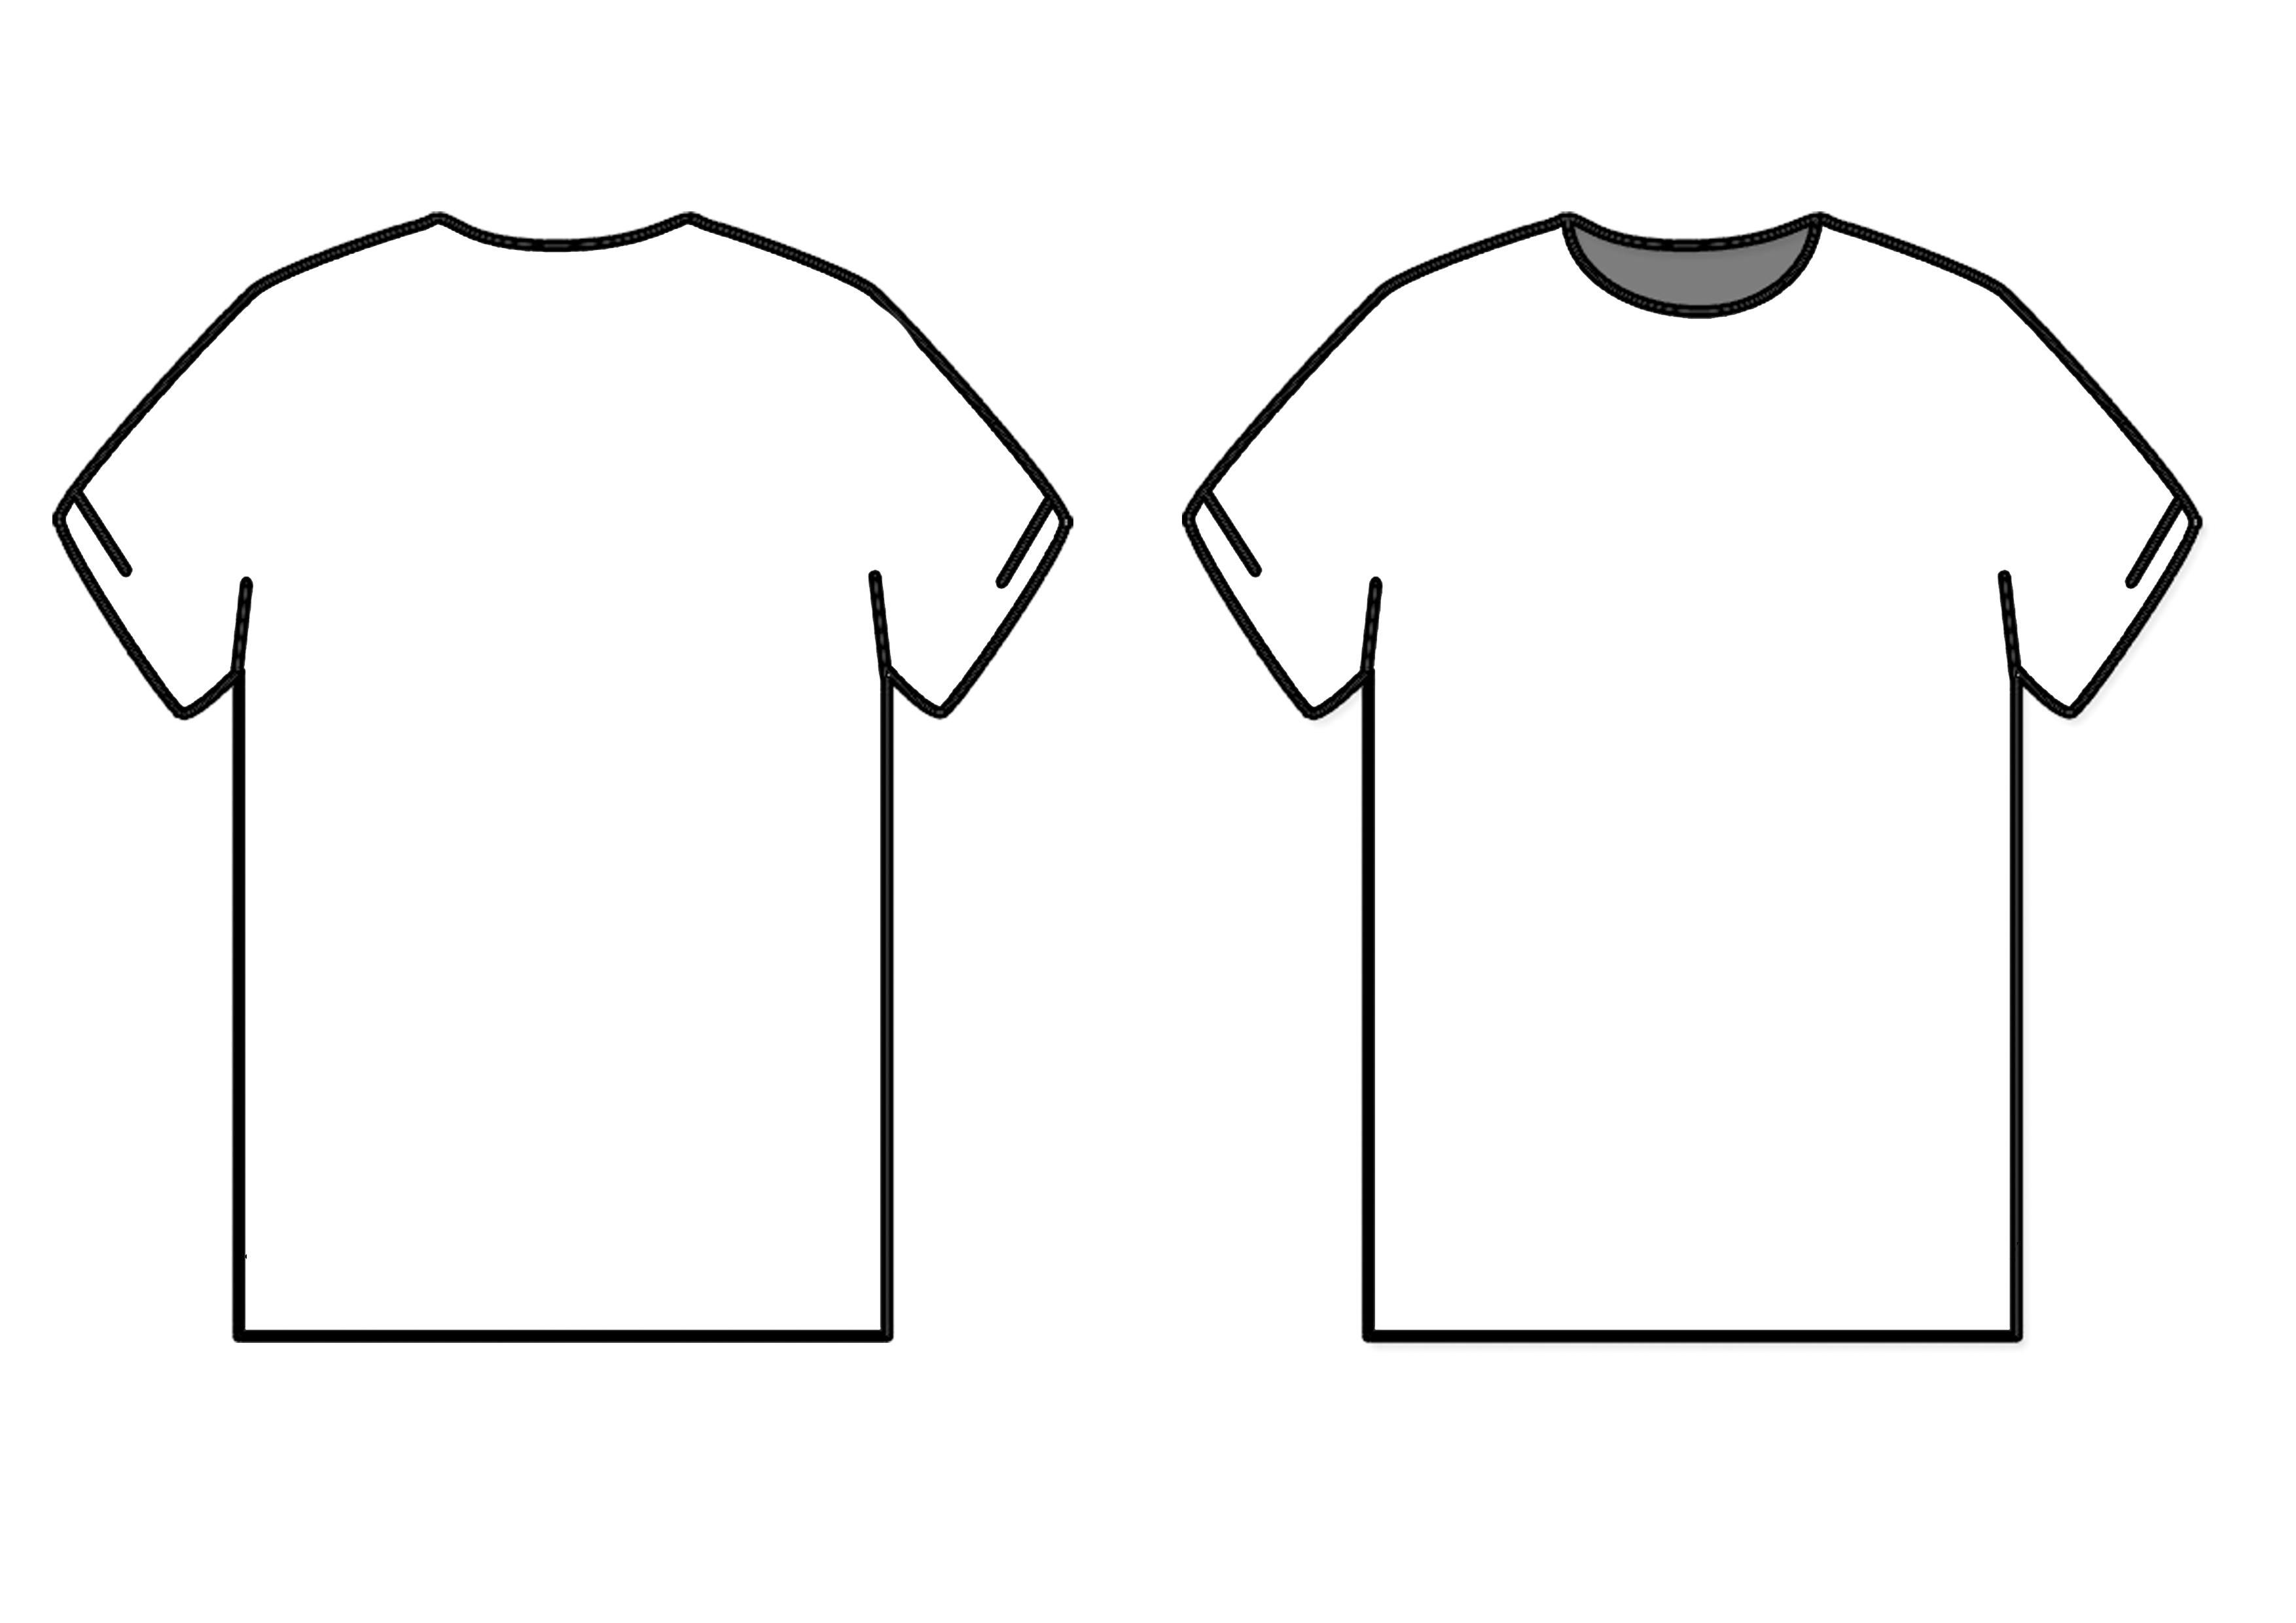 White T Shirt For Design